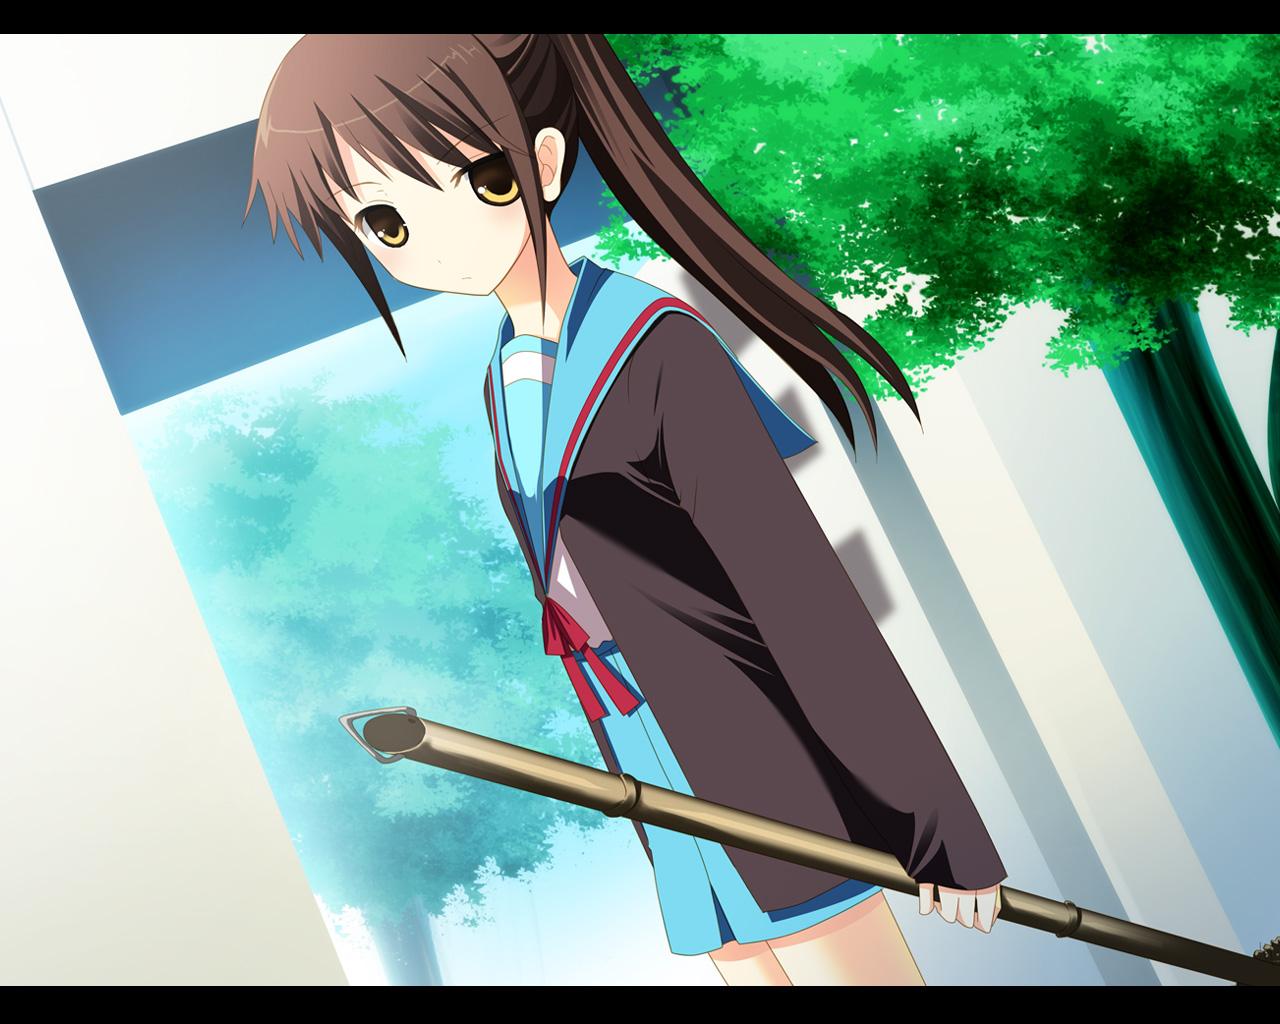 genderswap kyonko school_uniform suzumiya_haruhi_no_yuutsu